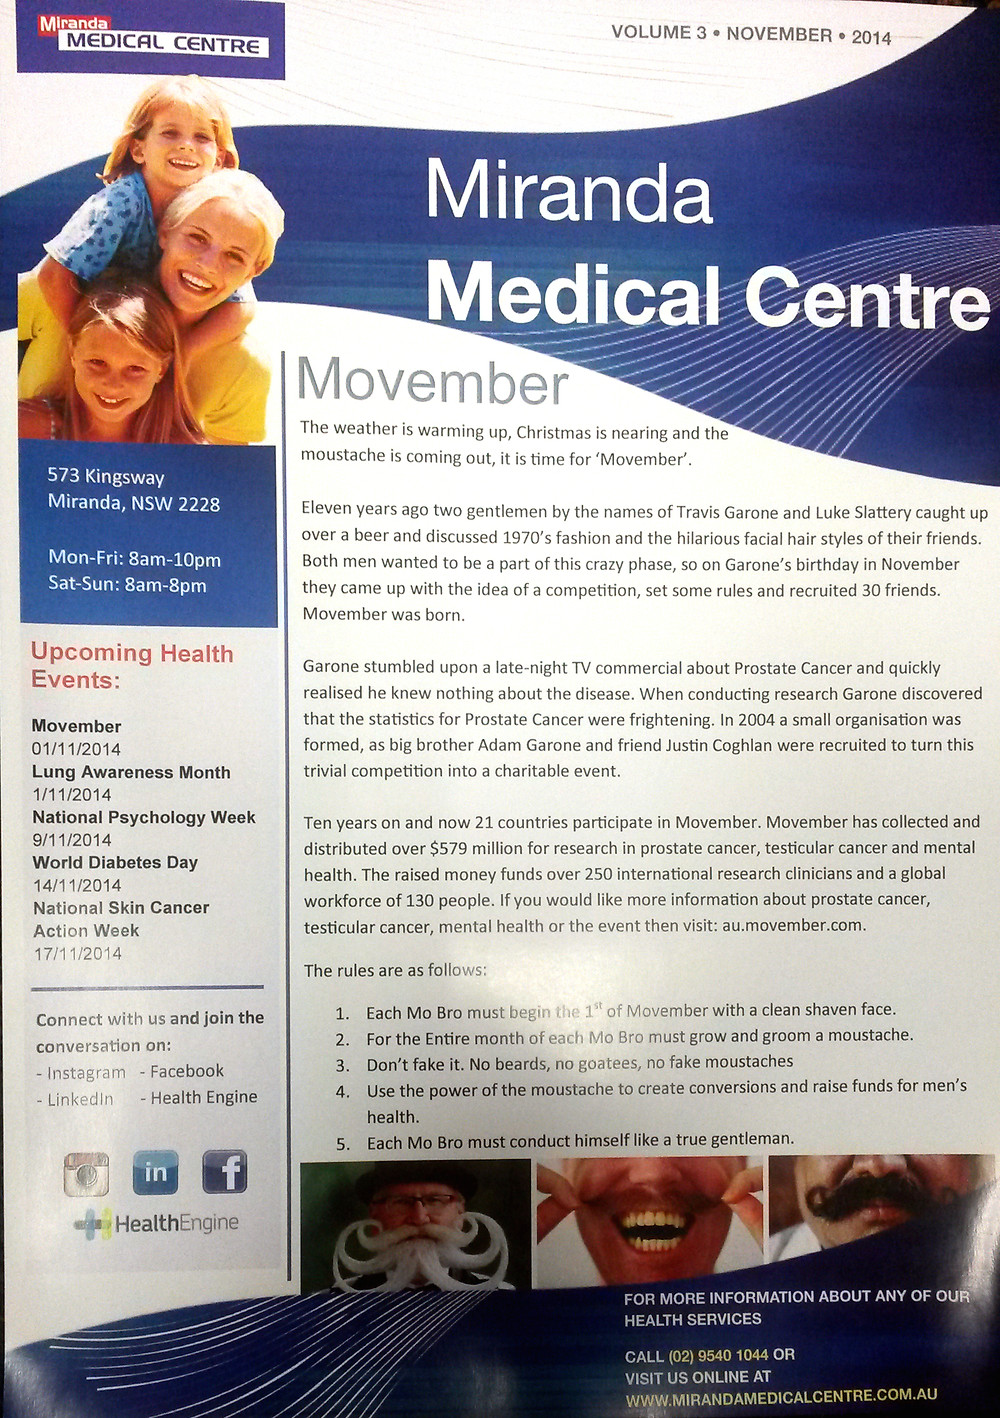 MMC Newsletter - November 2014